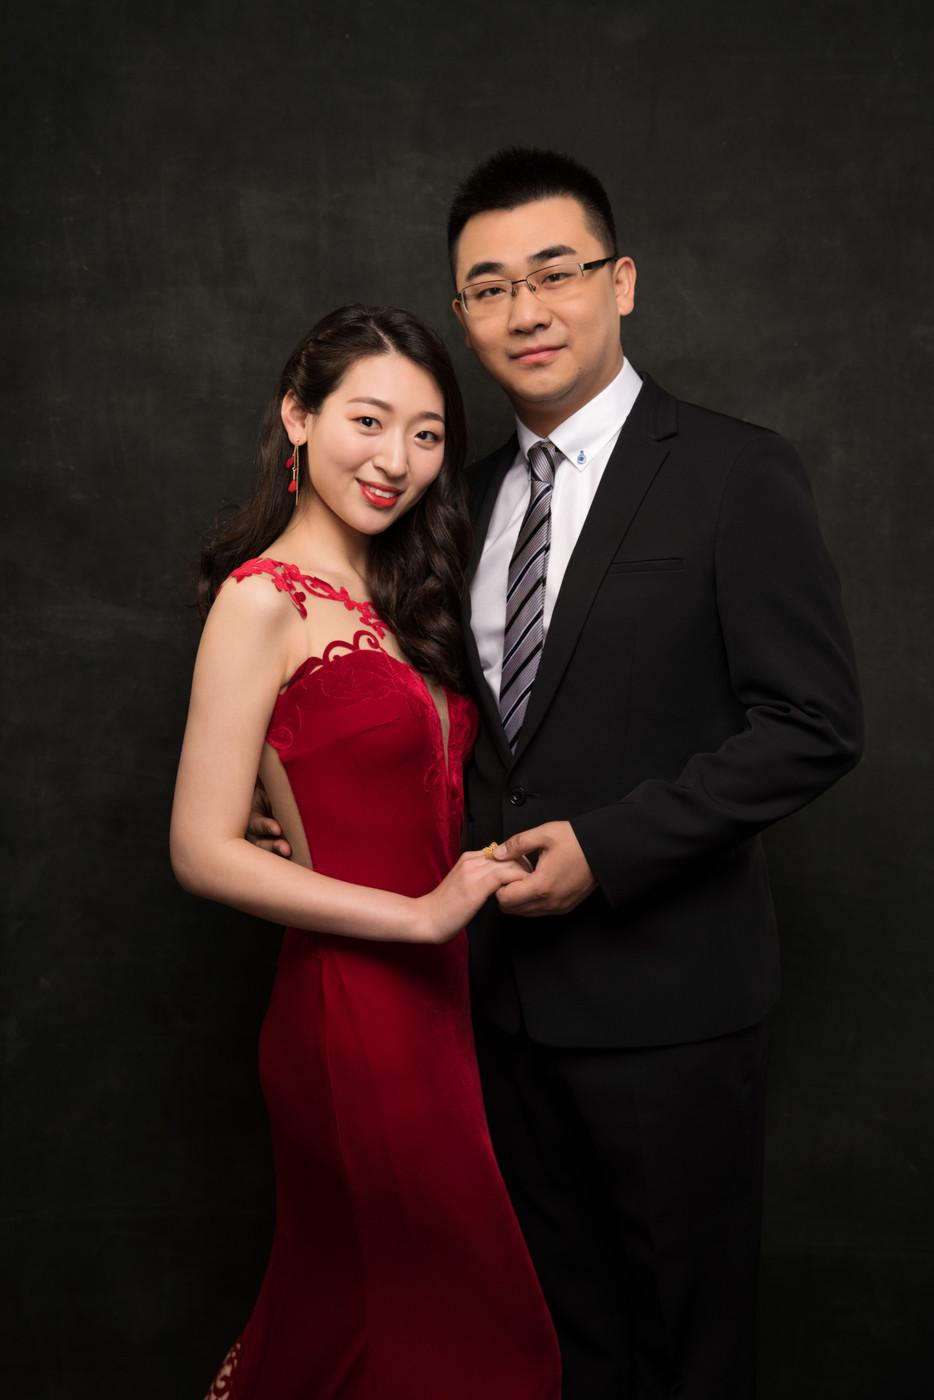 「KAI 旅行婚纱」梦里醒来,姑苏早春0